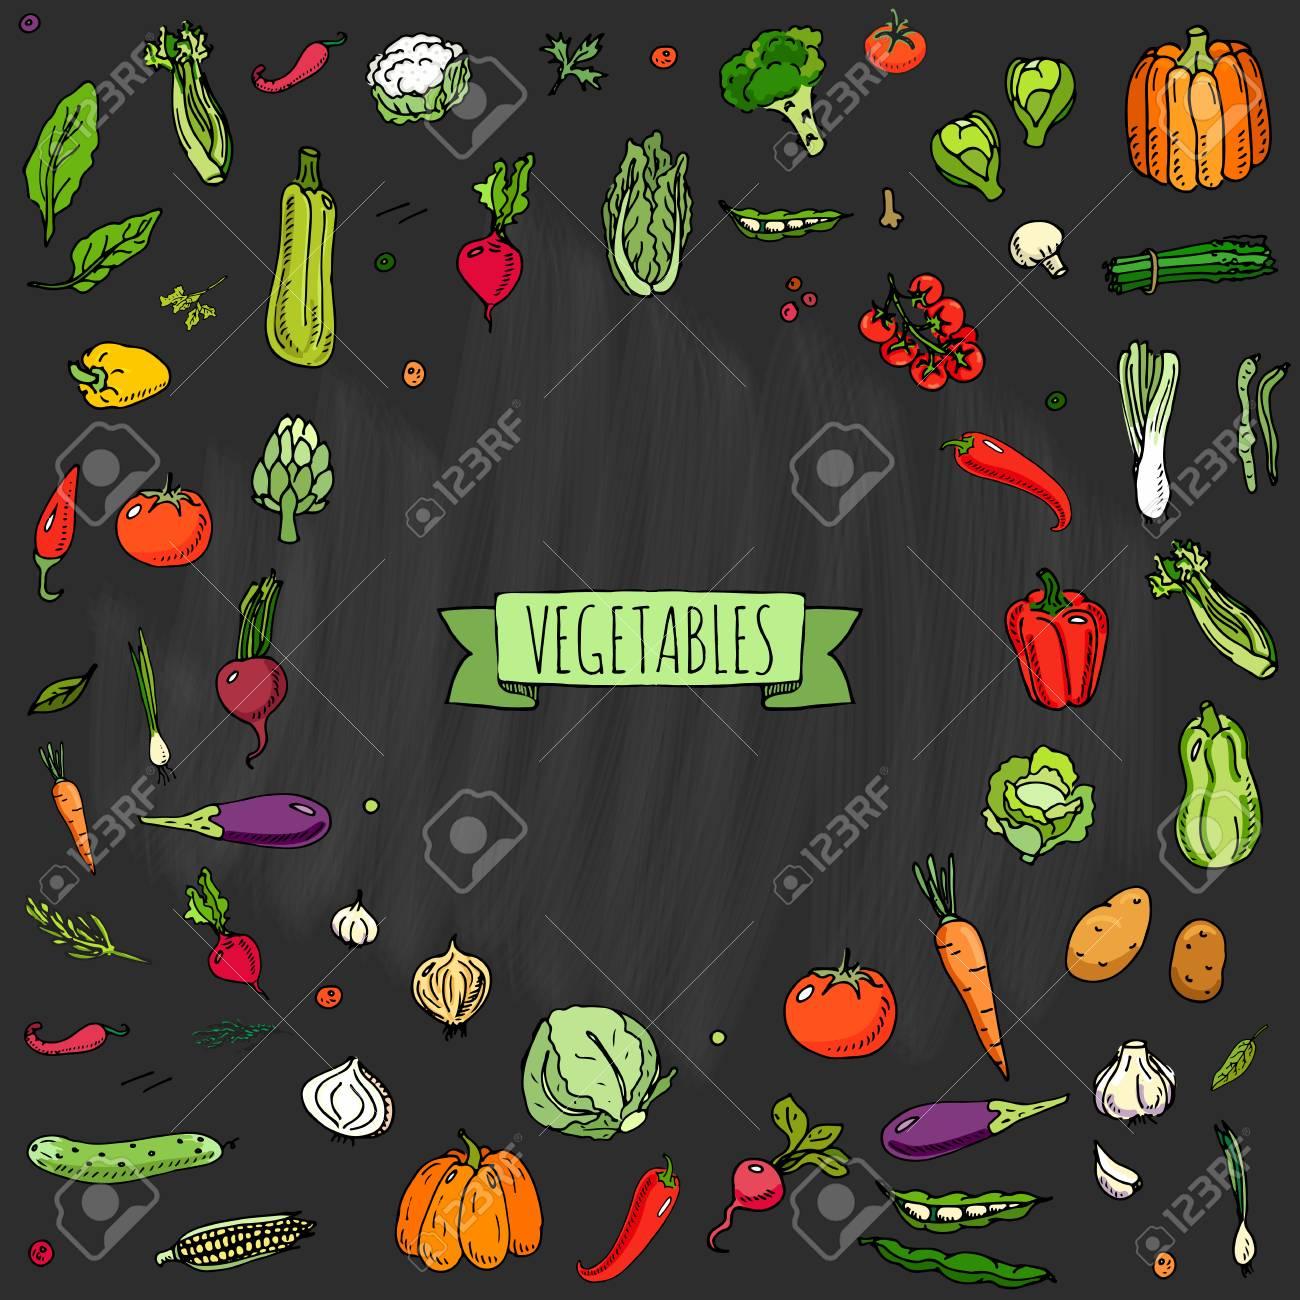 Dessinés à la main doodle légumes icons set Vector illustration symboles de légumes de saison Cartoon collection différentes sortes de légumes